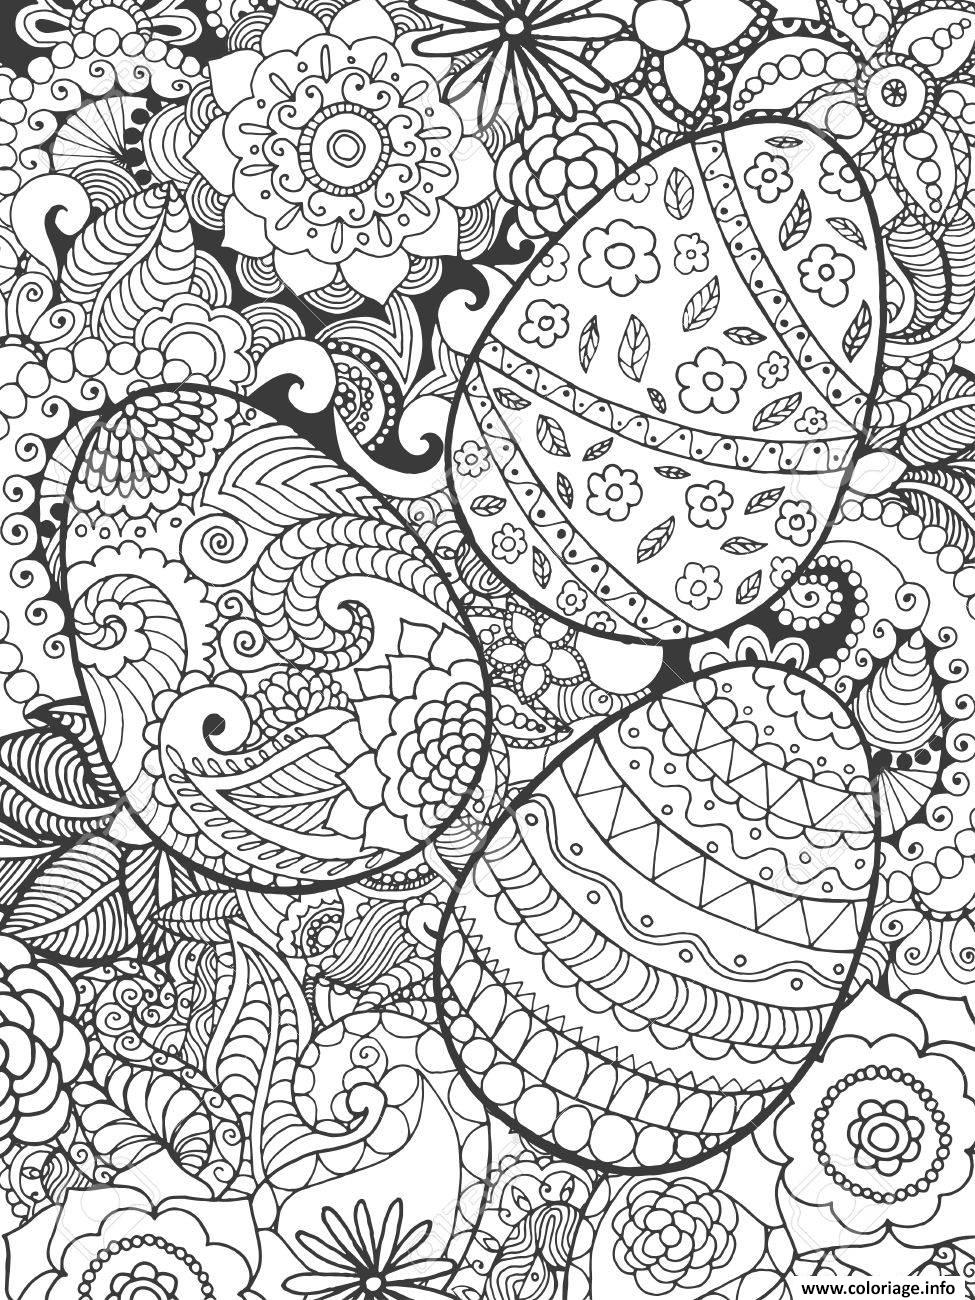 Coloriage Adulte Paques.Coloriage Adulte Fleurs De Paques Jecolorie Com